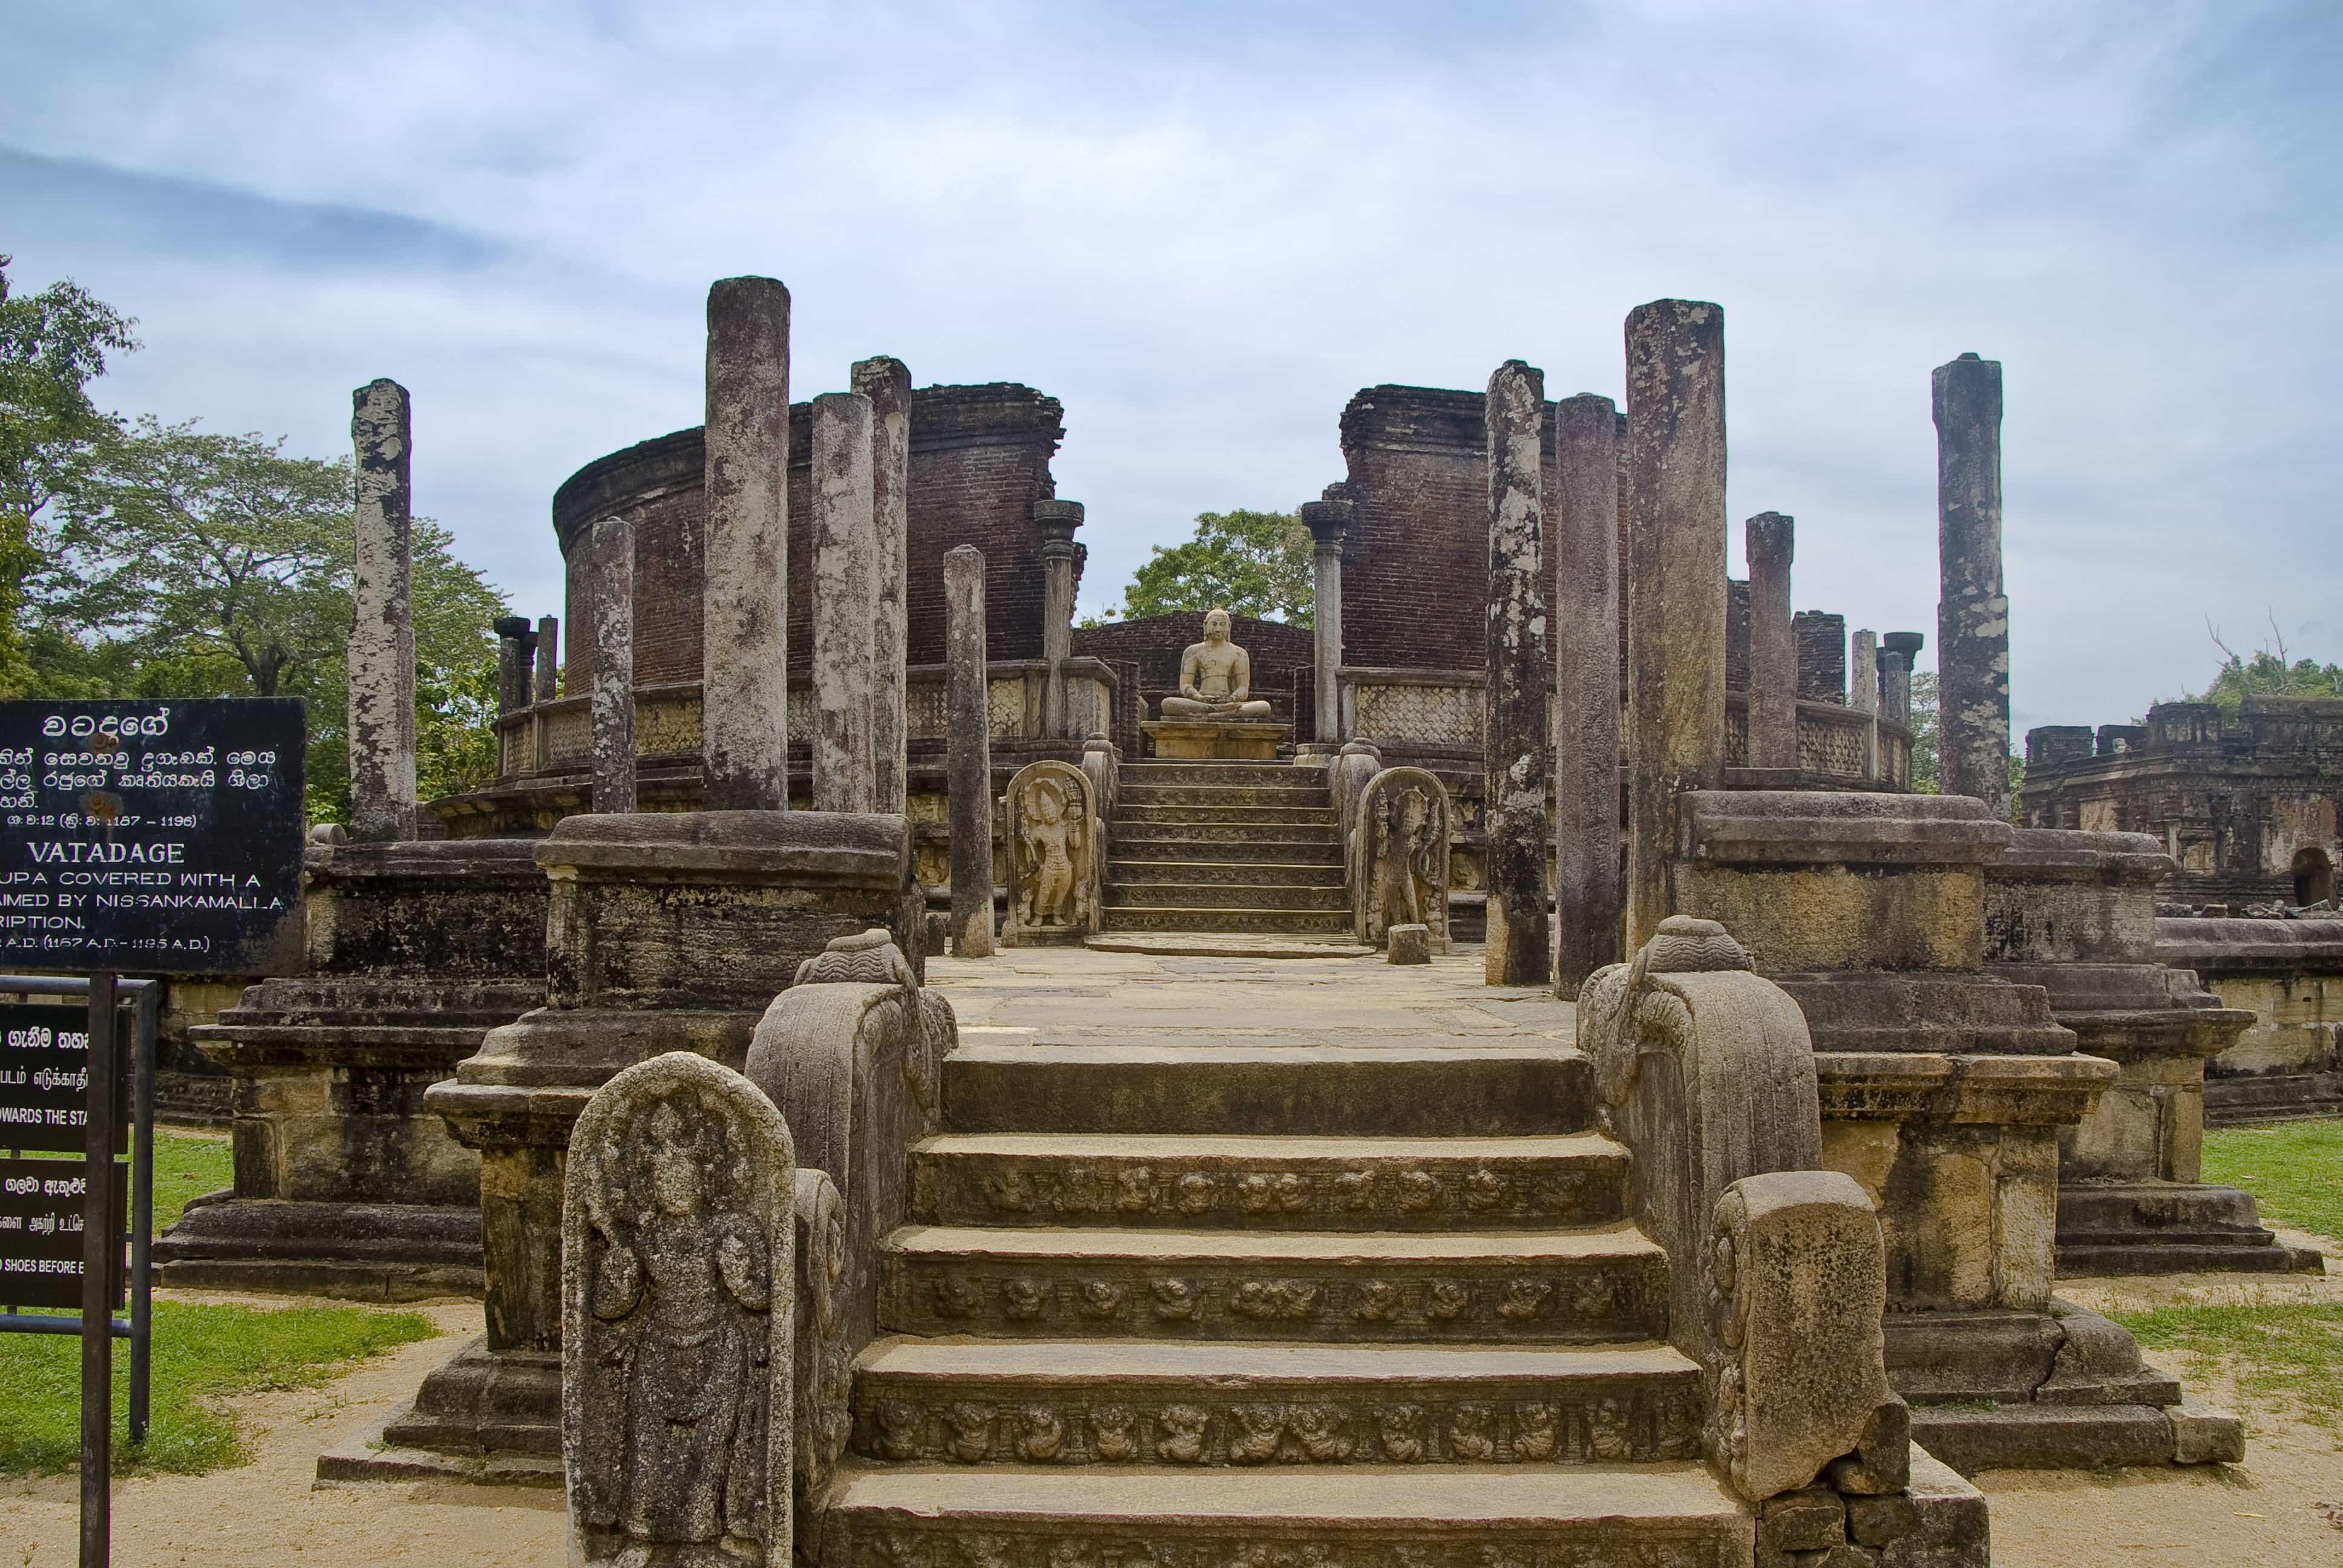 Sri Lanka tourist spots, Polonnaruwa